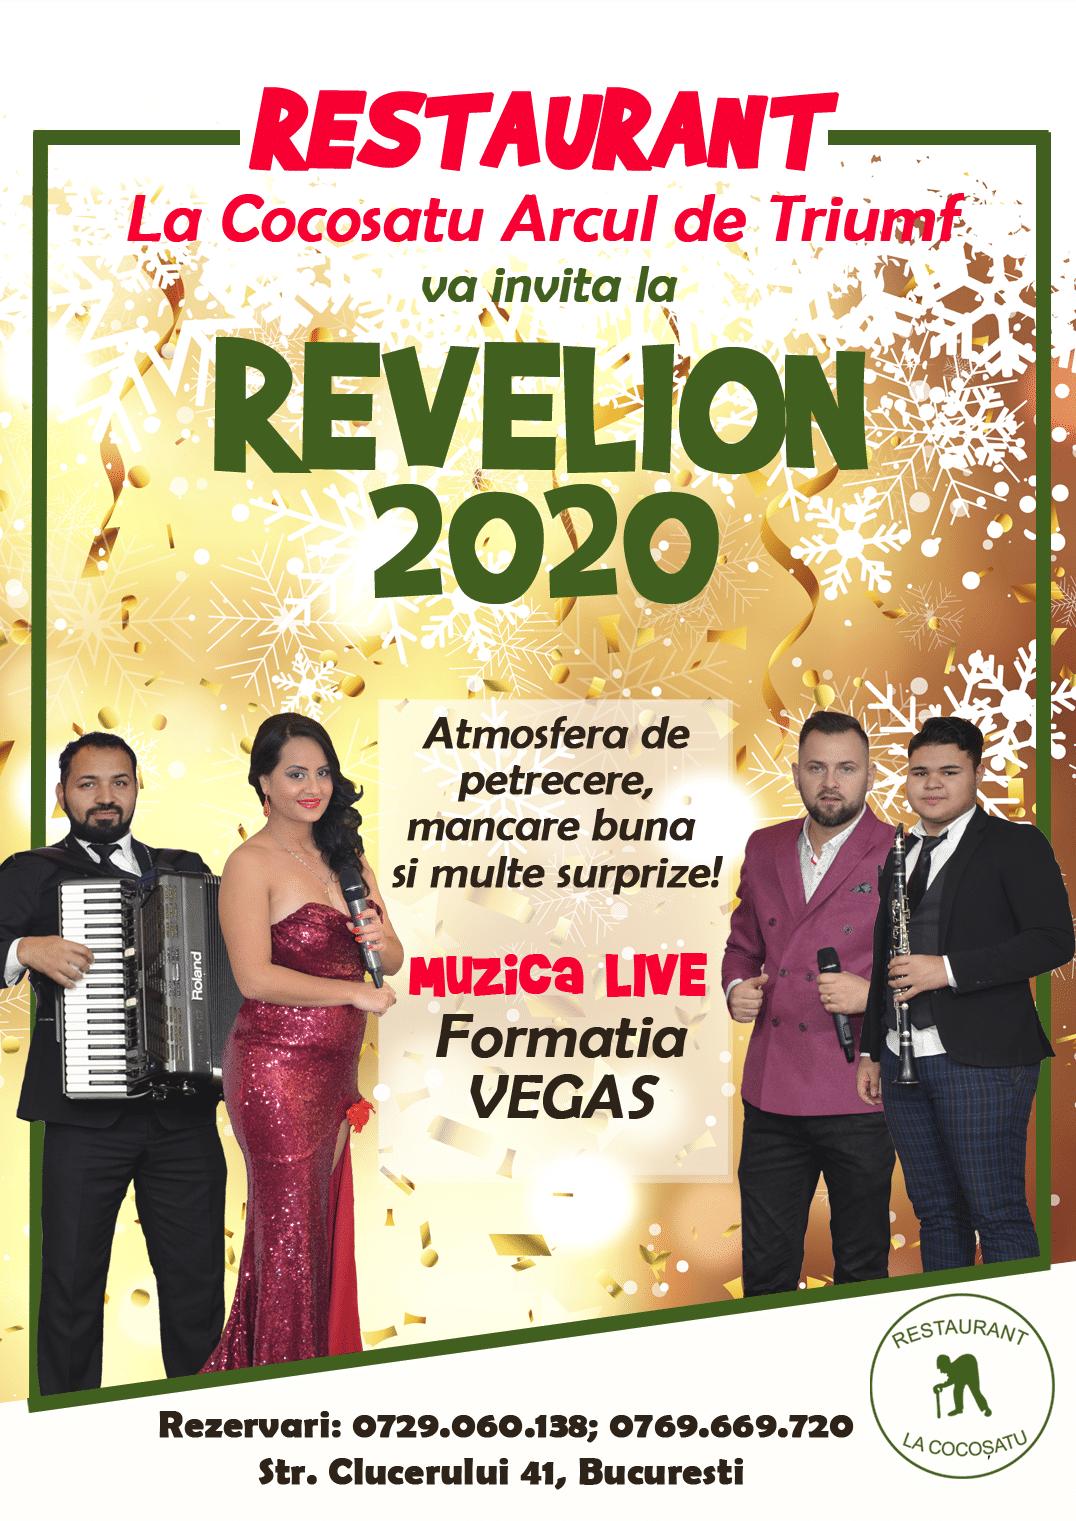 Revelion Romanesc in Restaurantele La Cocoșatu!